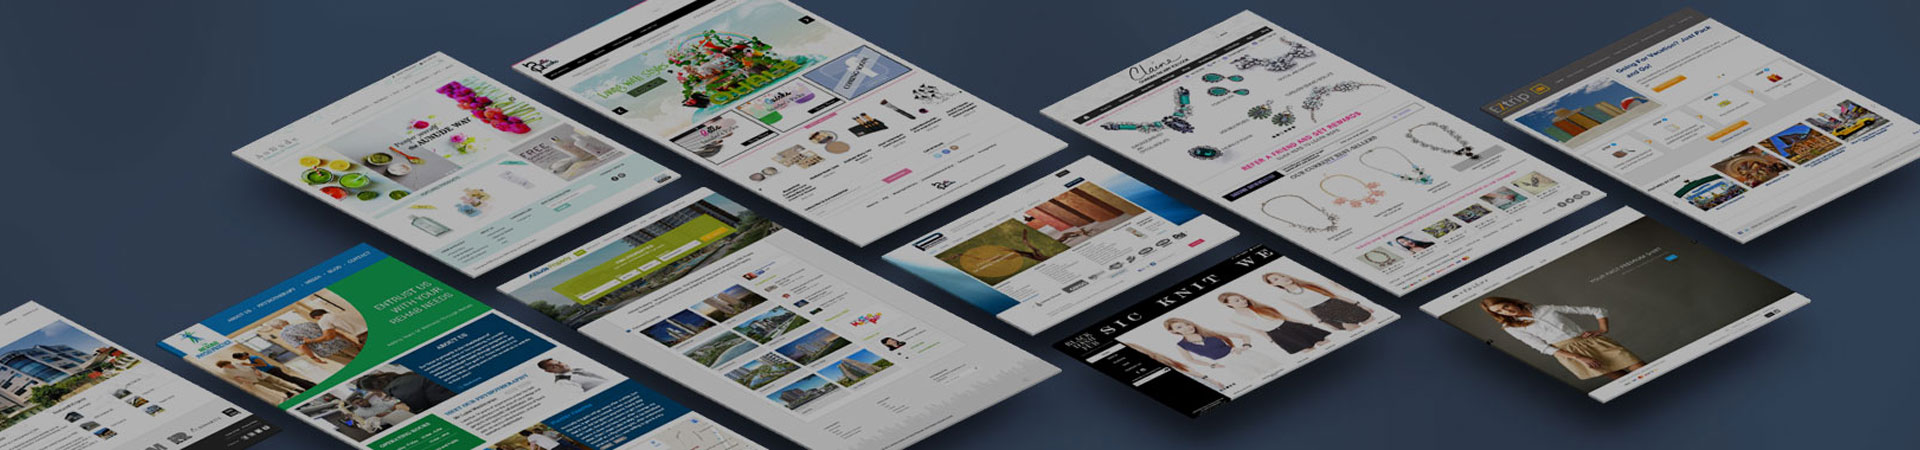 Website Design Singapore - Threepurs